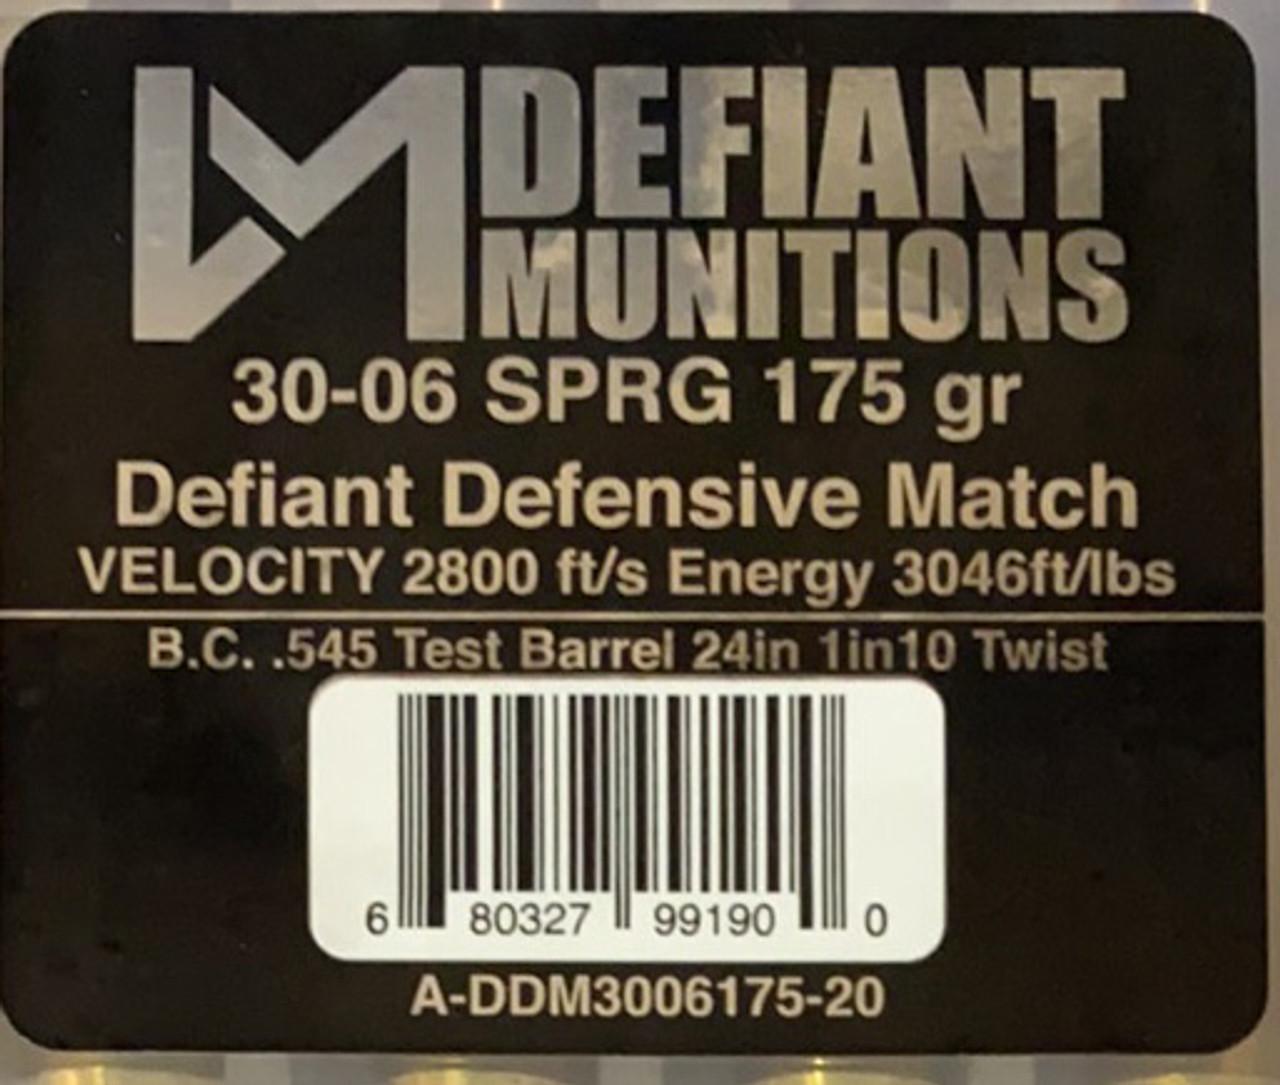 30-06 175 gr SPRG DDM (Defiant Defensive Match)